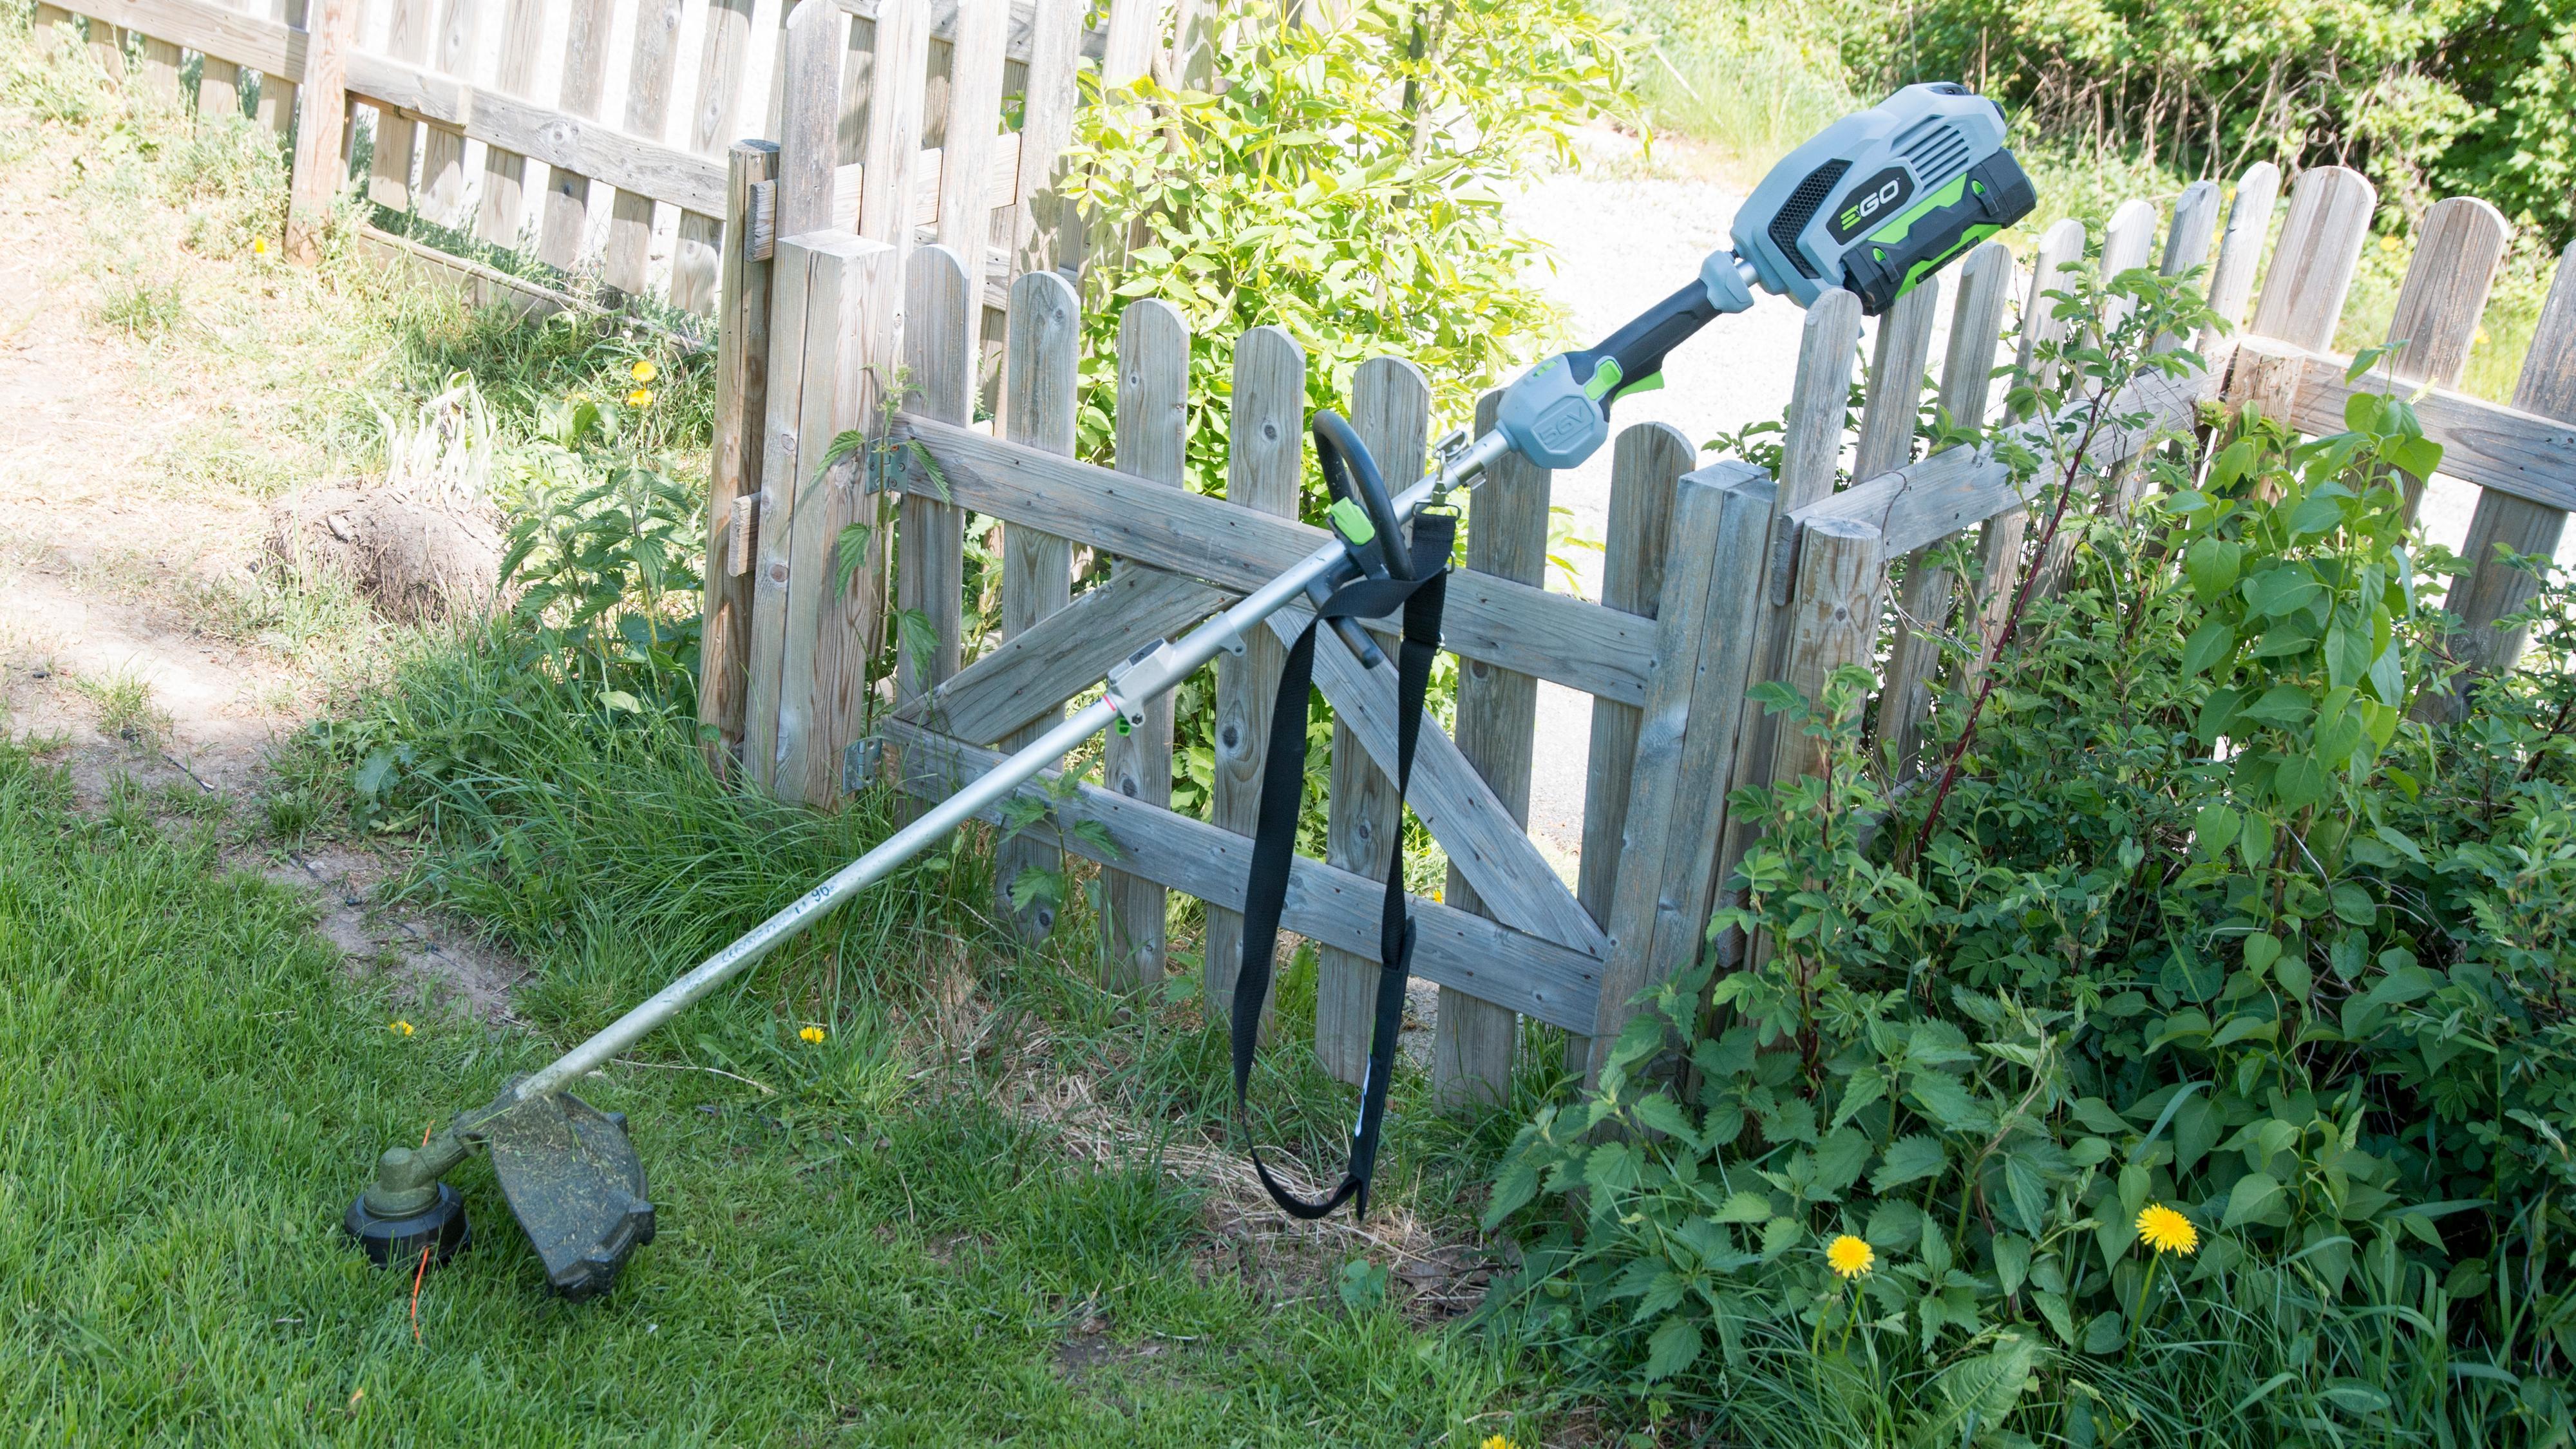 Denne gresstrimmeren fungerer meget godt, og har dessuten to gir, som er praktisk innimellom.